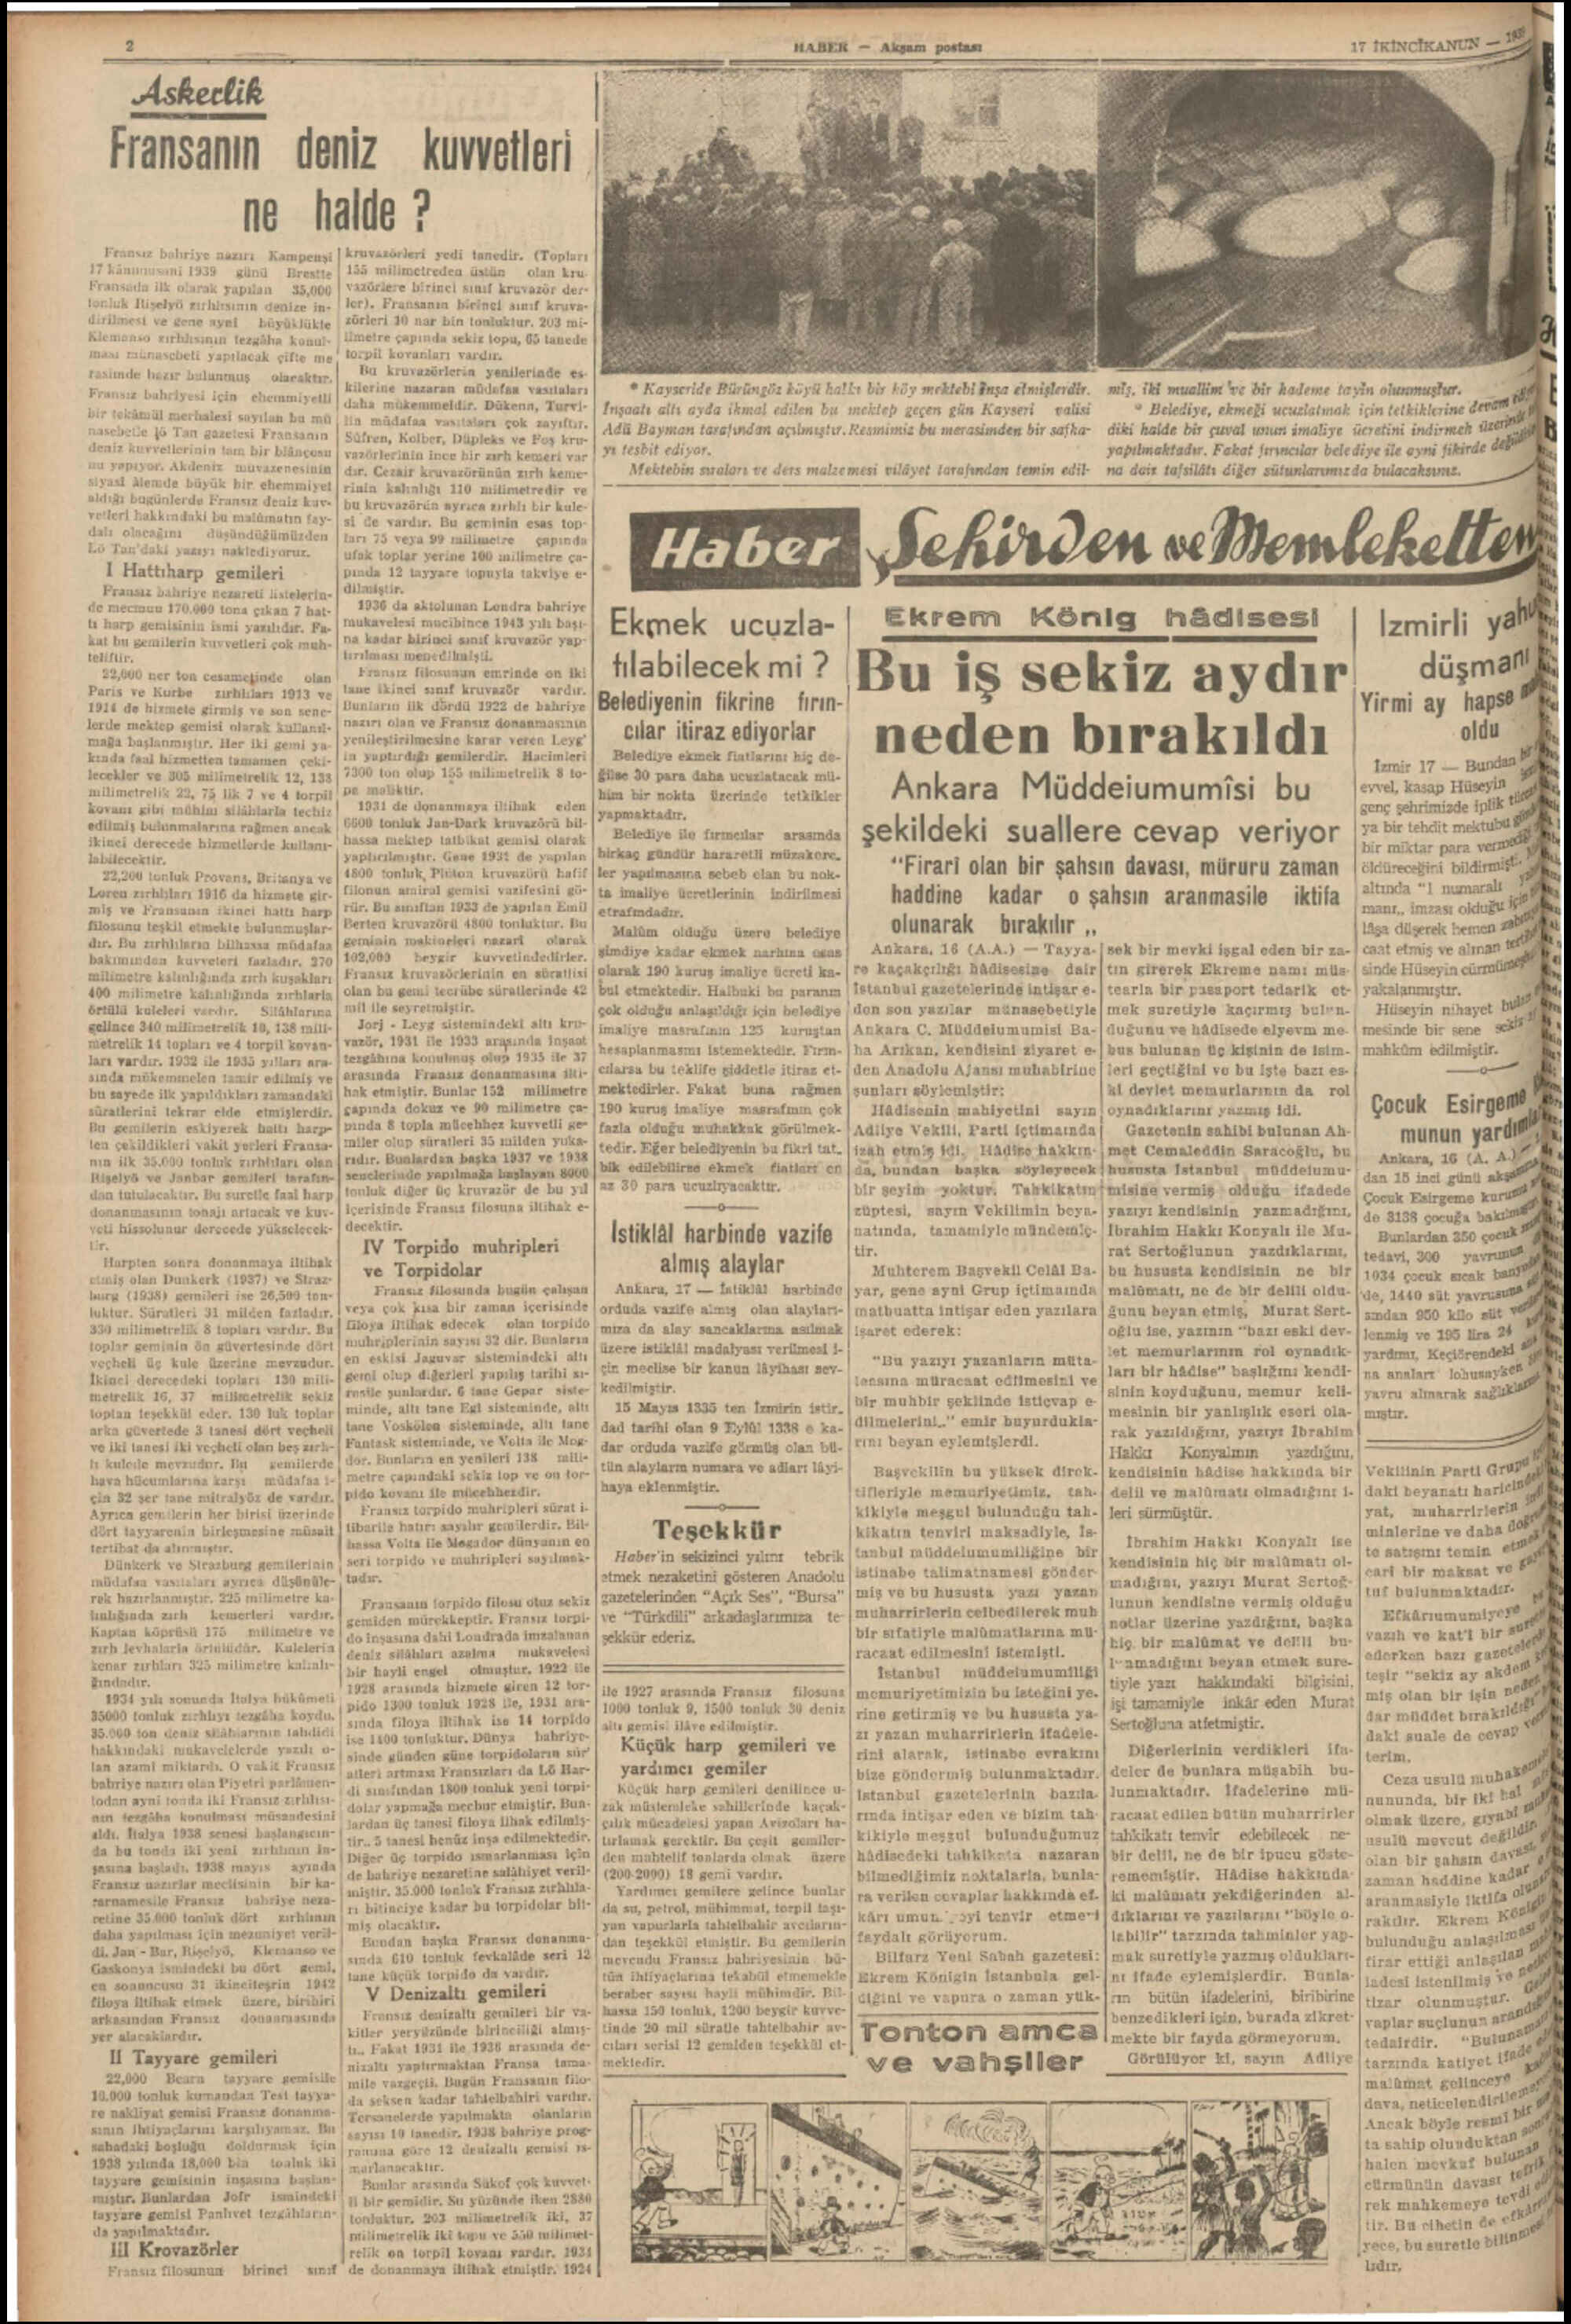 17 Ocak 1939 Tarihli Haber Gazetesi Sayfa 2